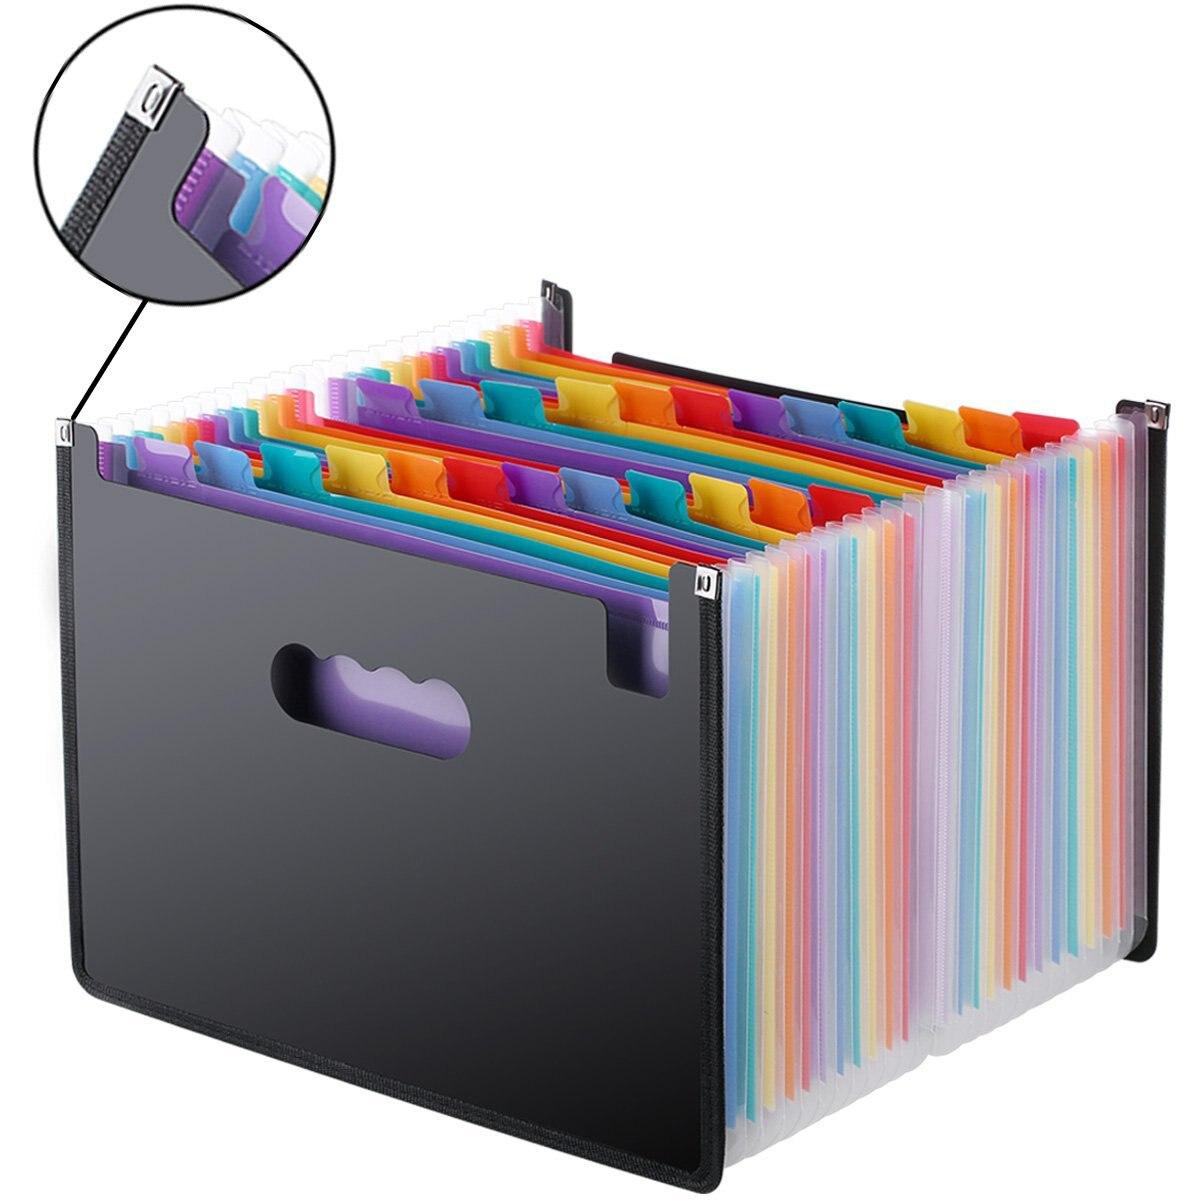 La expansión de carpeta de archivo 24 bolsillos negro cartera A4 documento carpeta organizador de oficina de escritorio de papel de soporte